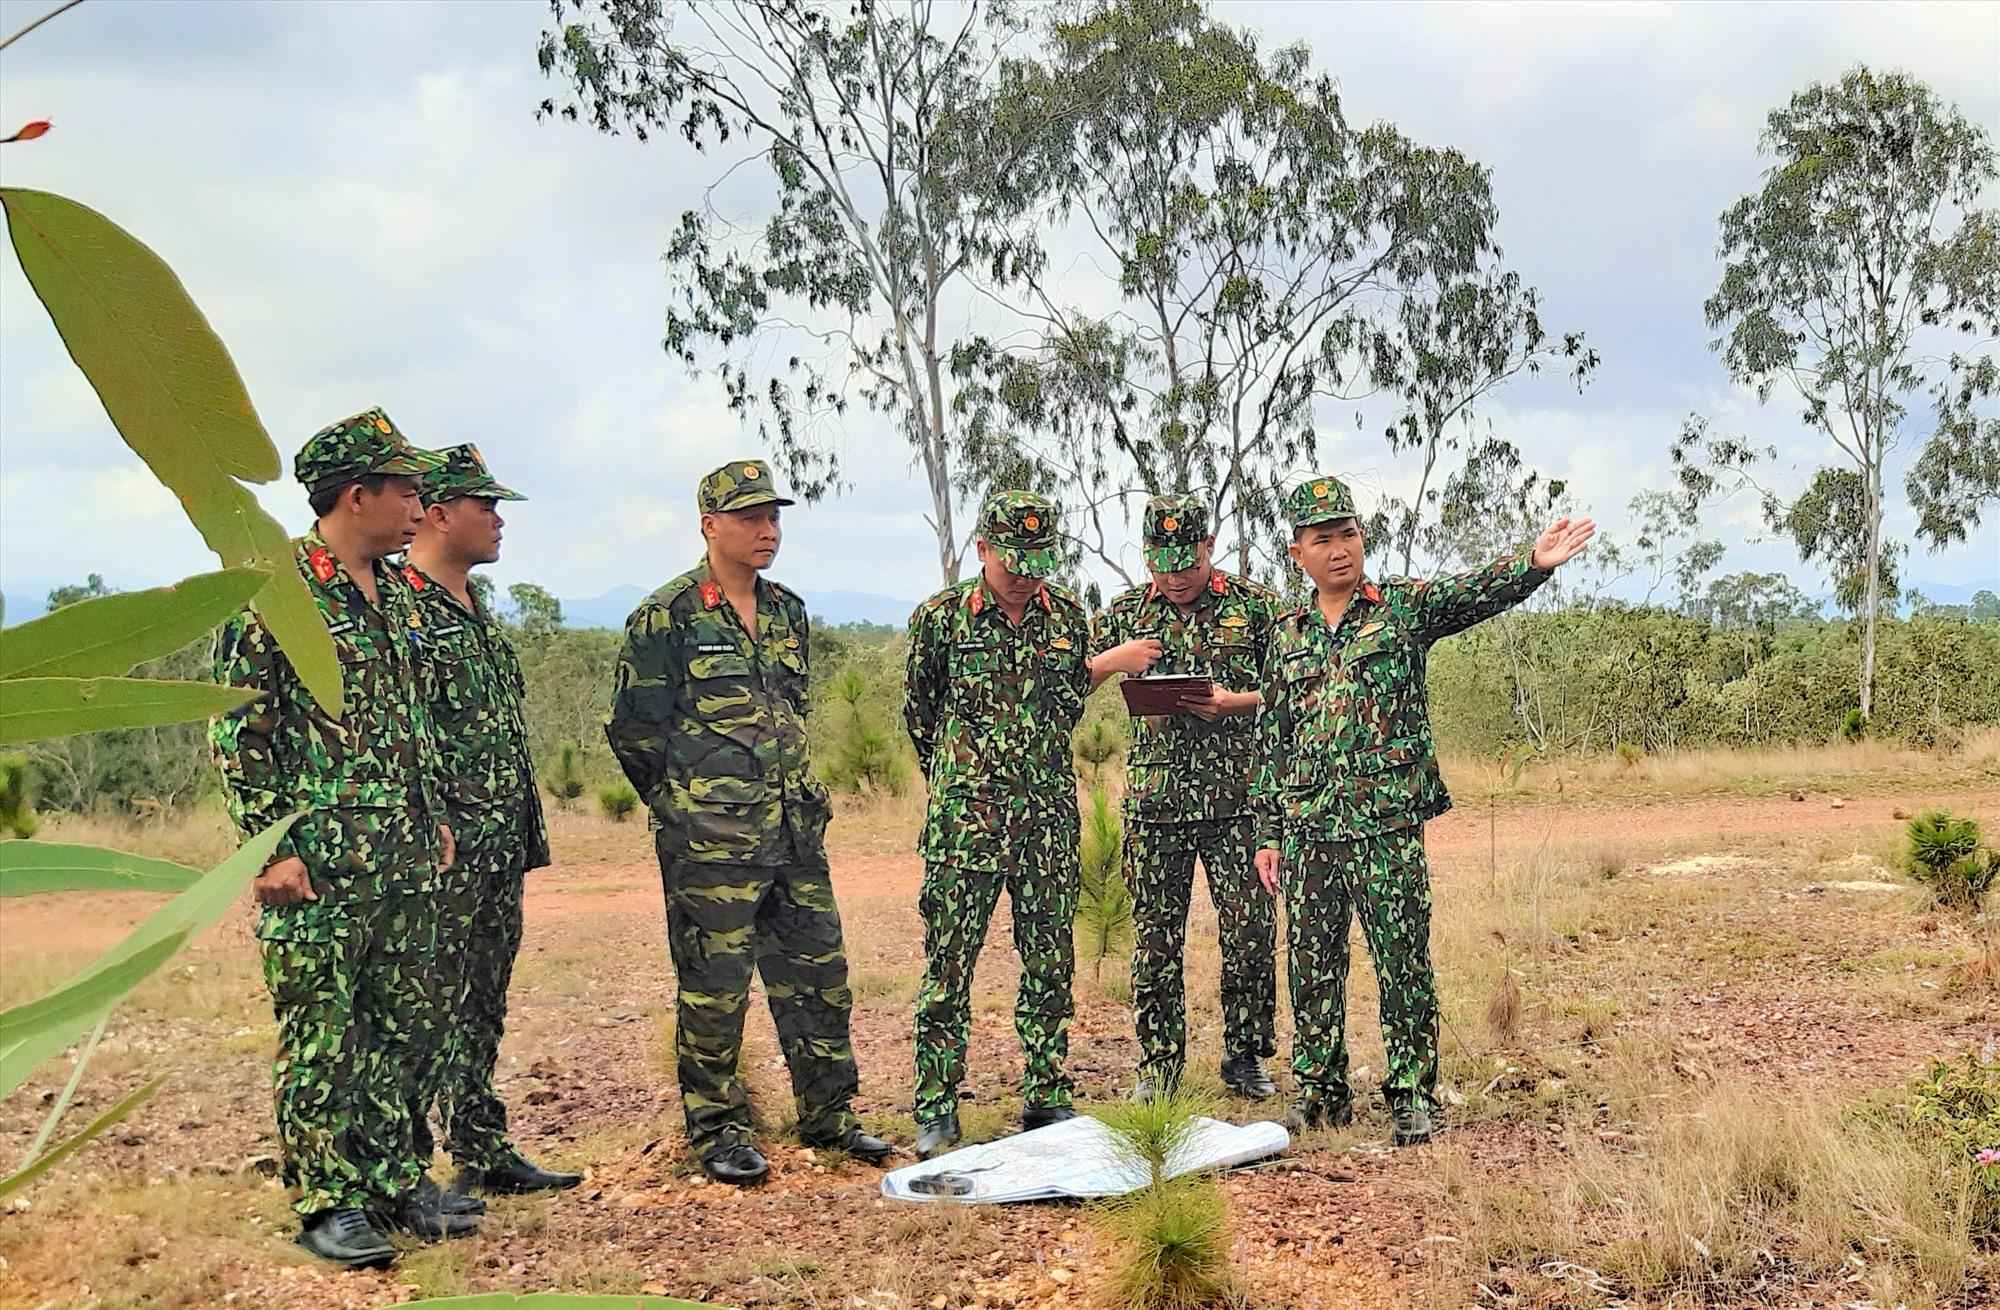 Công tác huấn luyện, sẵn sàng chiến đấu được LLVT Tam Kỳ hoàn thành xuất sắc hàng năm. Ảnh: X.P